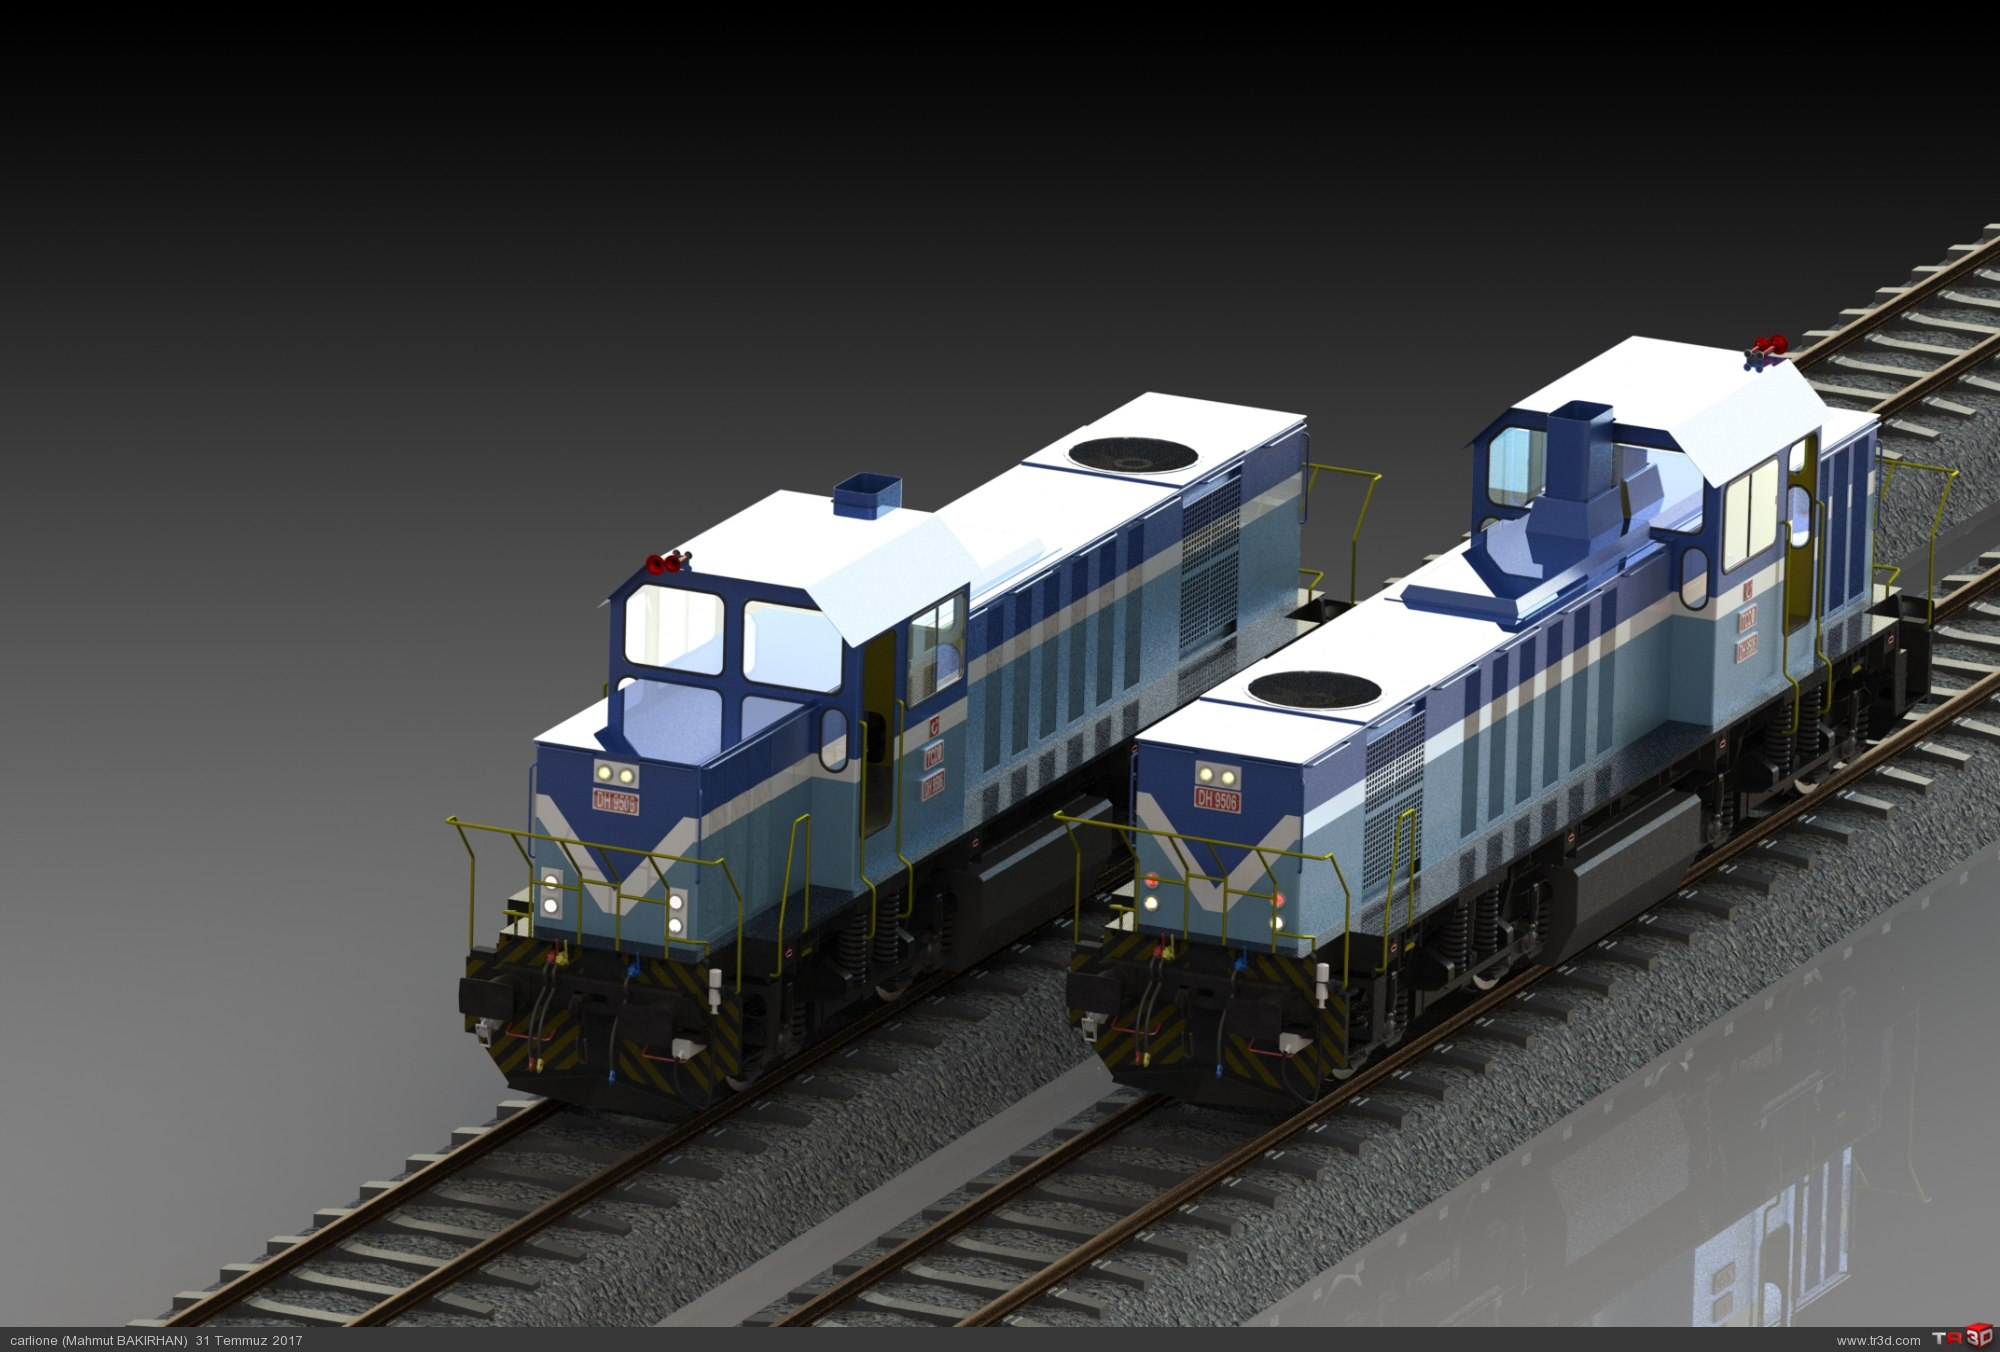 DH 9500 Manevra lokomotifi 3